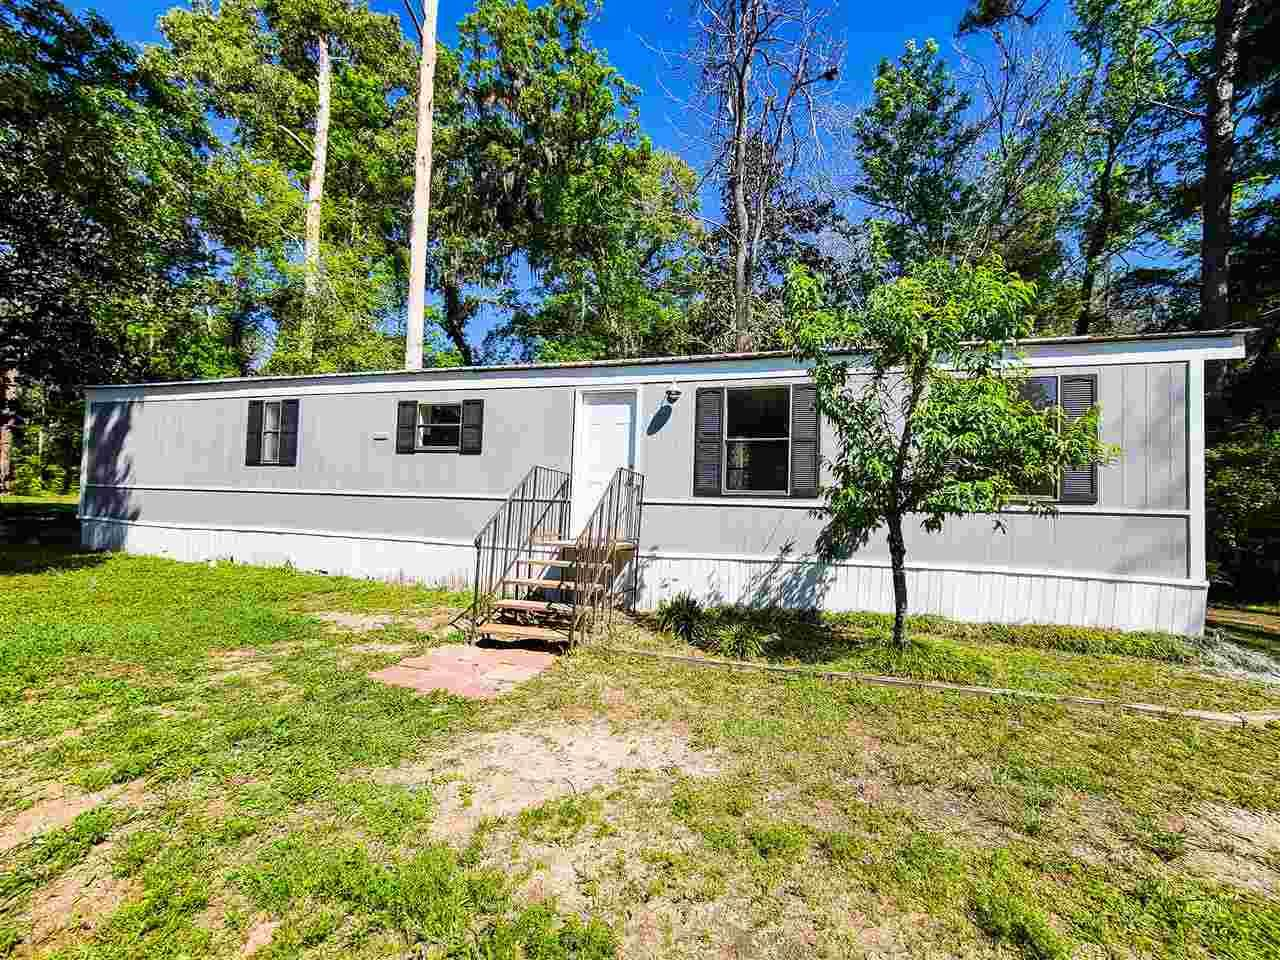 58 Maxson Road, Crawfordville, FL 32327 - MLS#: 331304